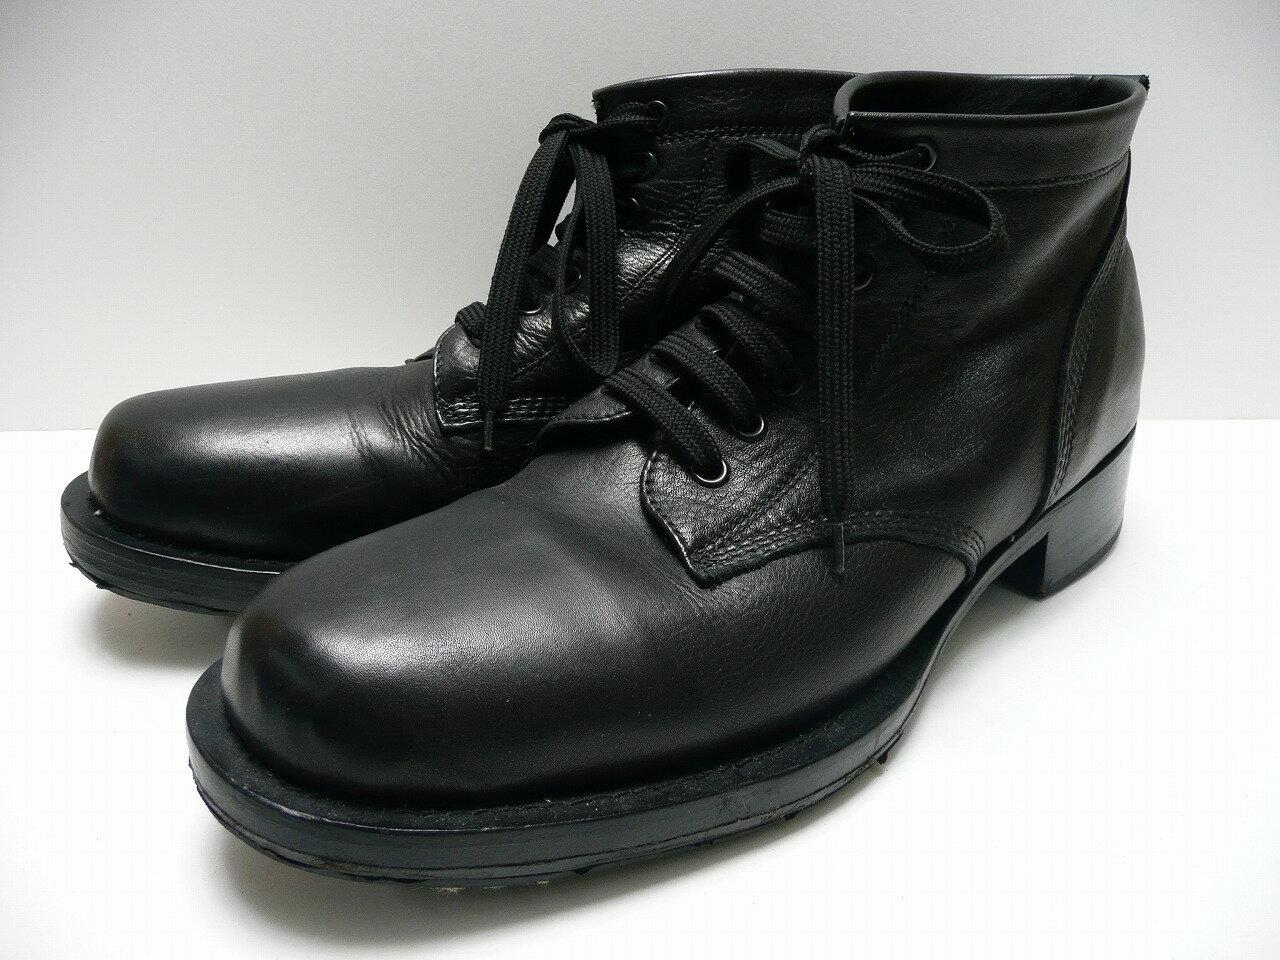 CABANE de zucca カバンドズッカ レースアップブーツ SIZE:M ブラック ワークブーツ 黒/ブラック メンズ  【中古】【その他靴】【金沢本店 併売品】【7600029Kz】